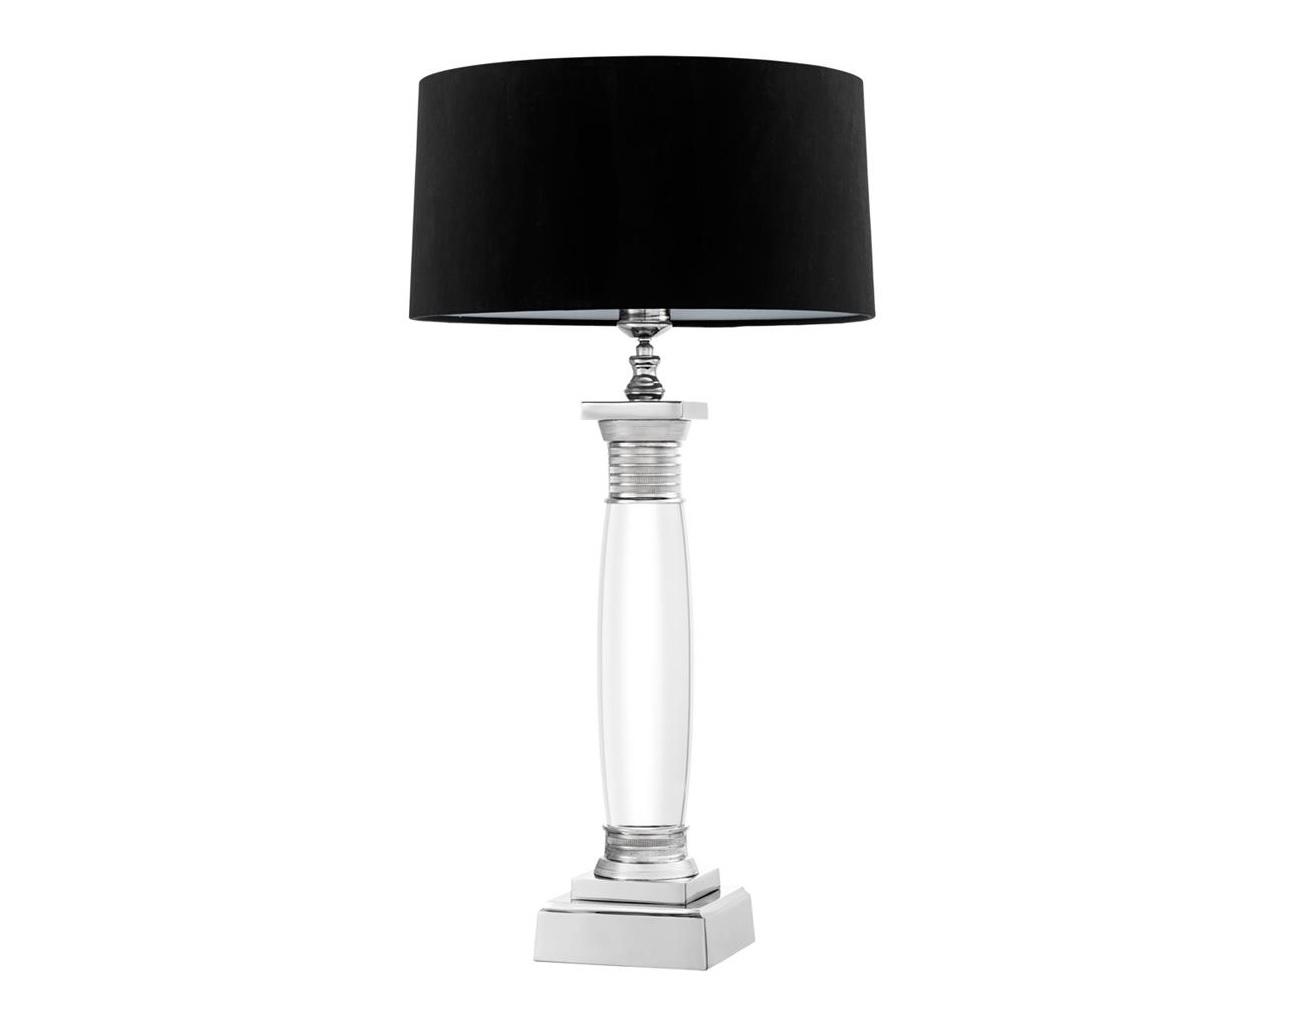 Настольная лампа Table Lamp ElbaДекоративные лампы<br>&amp;lt;div&amp;gt;Вид цоколя: E27&amp;lt;br&amp;gt;&amp;lt;/div&amp;gt;&amp;lt;div&amp;gt;&amp;lt;div&amp;gt;Мощность: 40W&amp;lt;/div&amp;gt;&amp;lt;div&amp;gt;Количество ламп: 1 (нет в комплекте)&amp;lt;/div&amp;gt;&amp;lt;/div&amp;gt;<br><br>Material: Металл<br>Ширина см: 38.0<br>Высота см: 76.0<br>Глубина см: 38.0